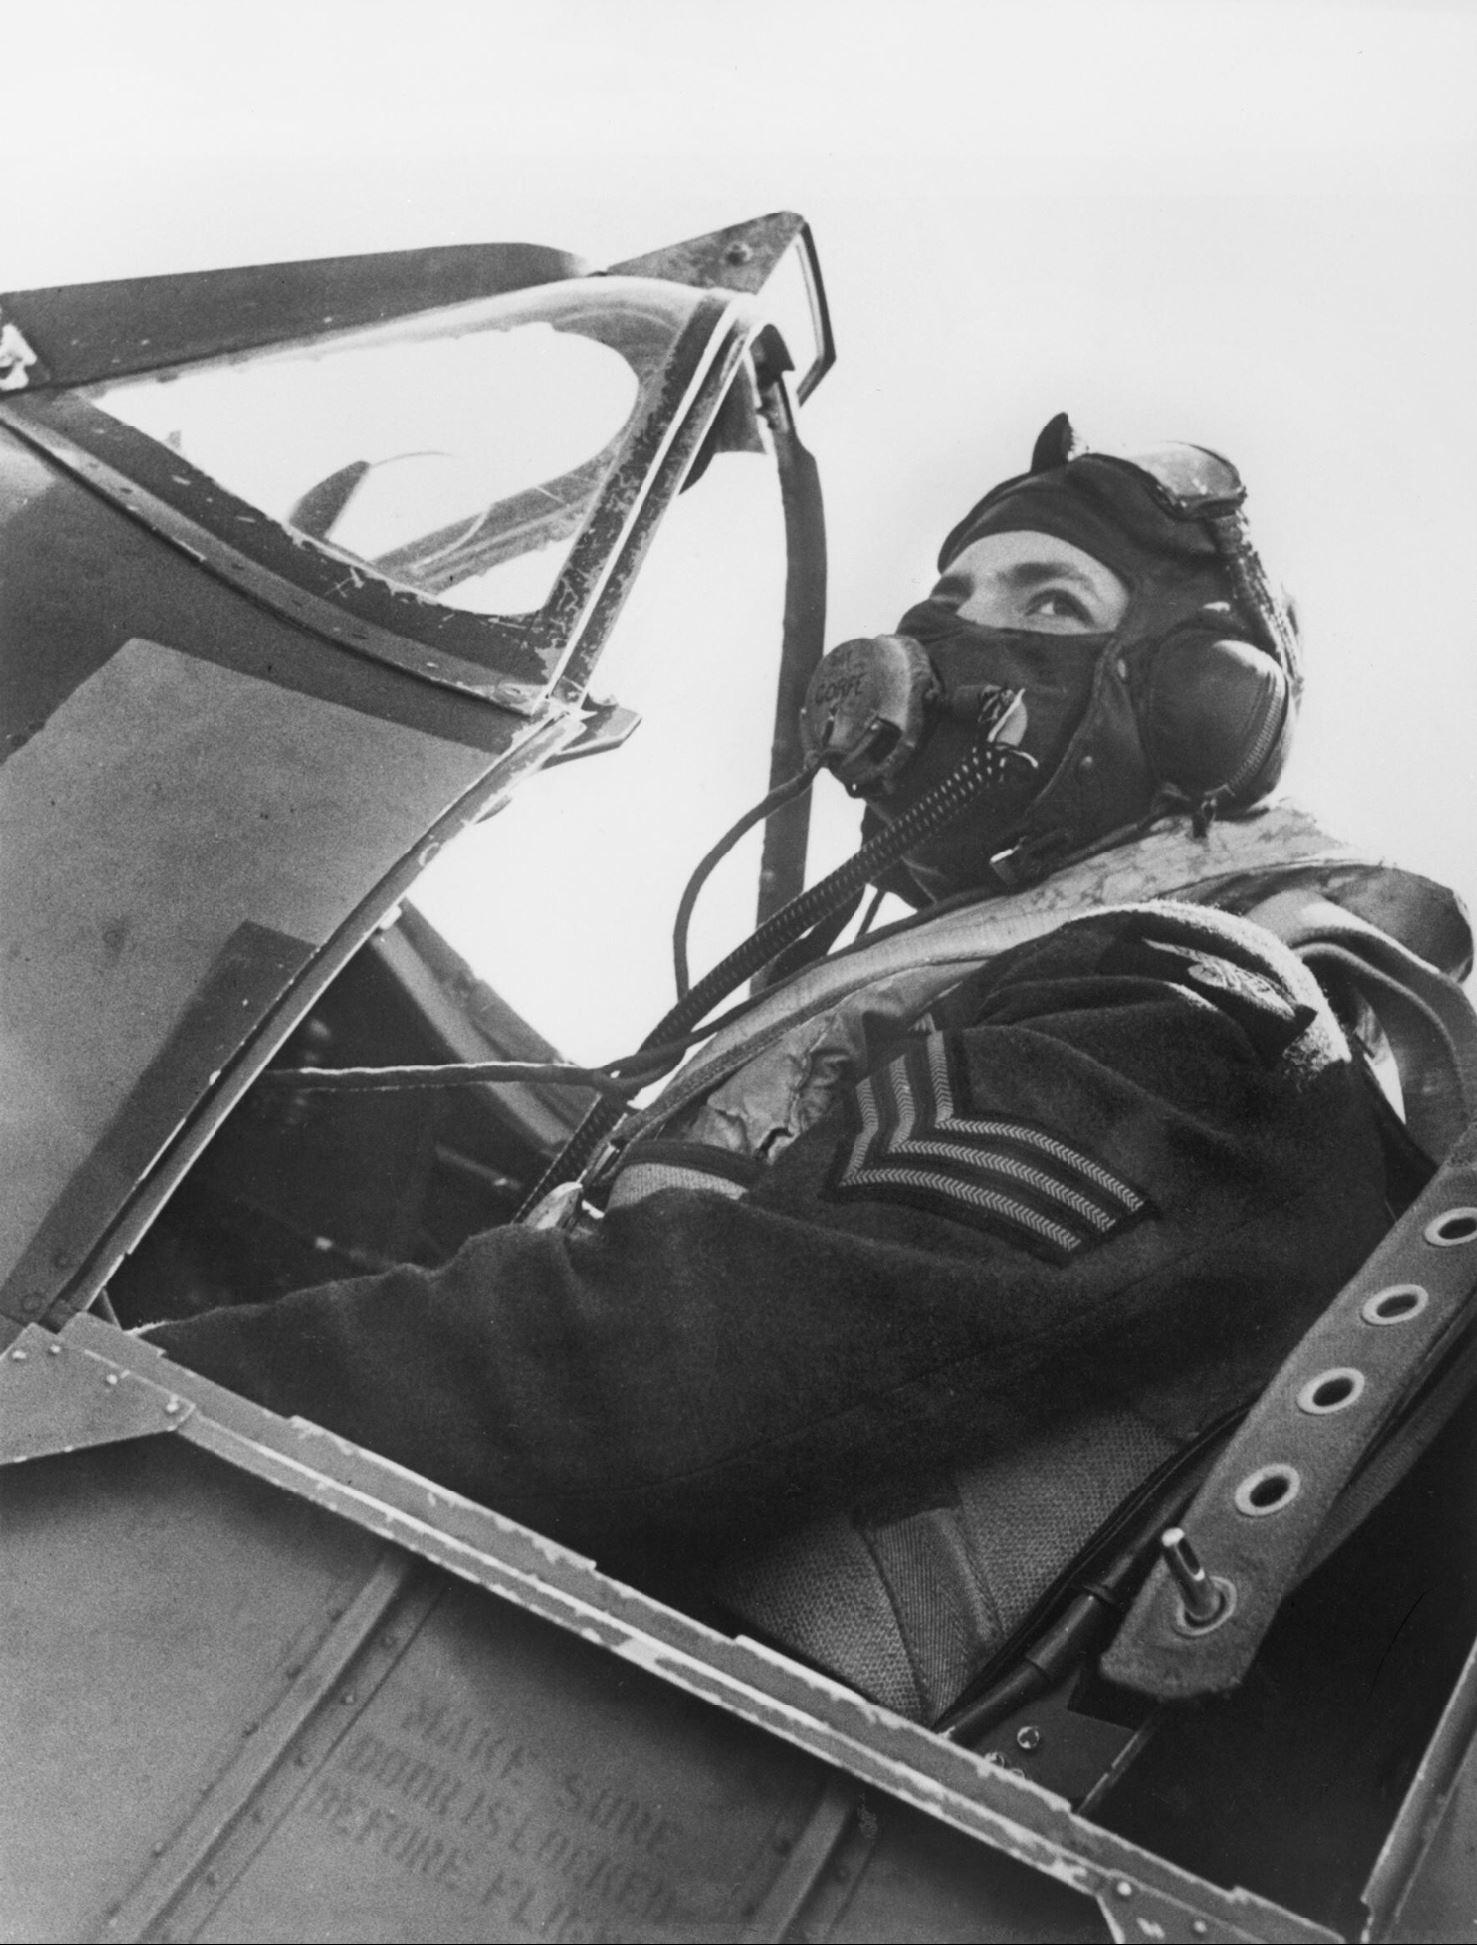 Spitfire RAF 610Sqn pilot at Hawkinge 29 Jul 1940 IWM HU54419